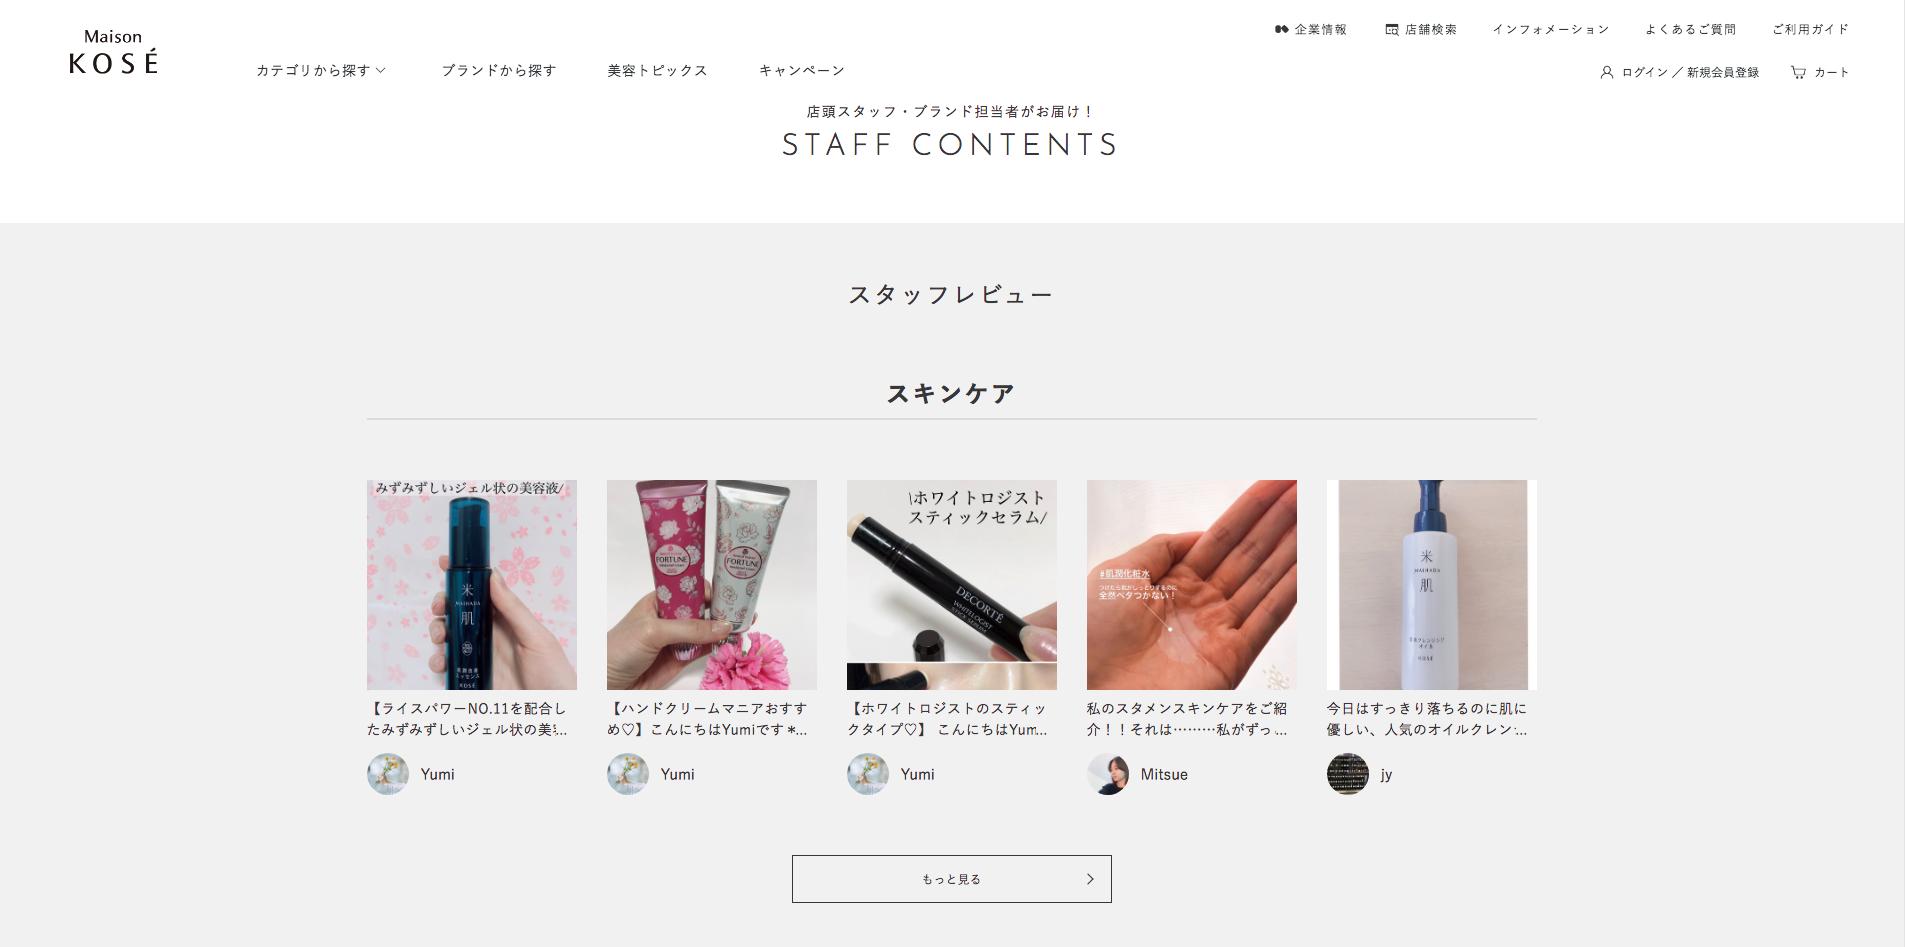 株式会社コーセーの総合美容情報サイト